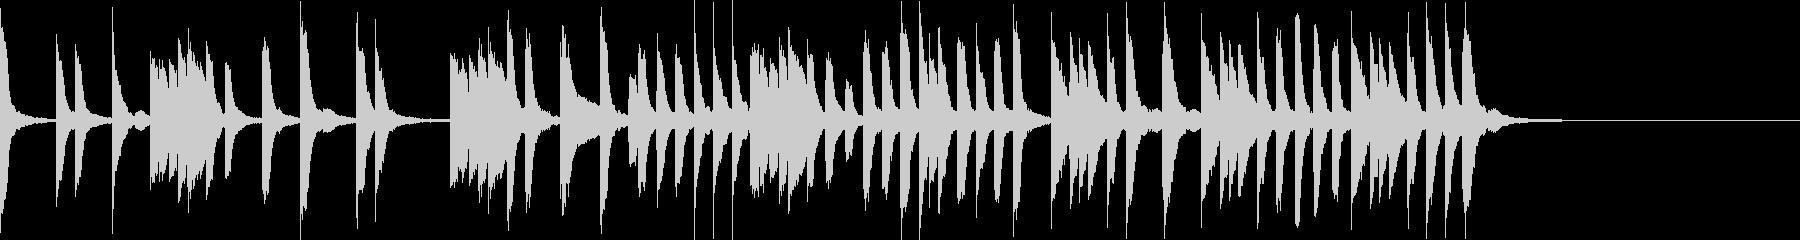 ほのぼのカワイイ教育TV風ピアノ曲の未再生の波形